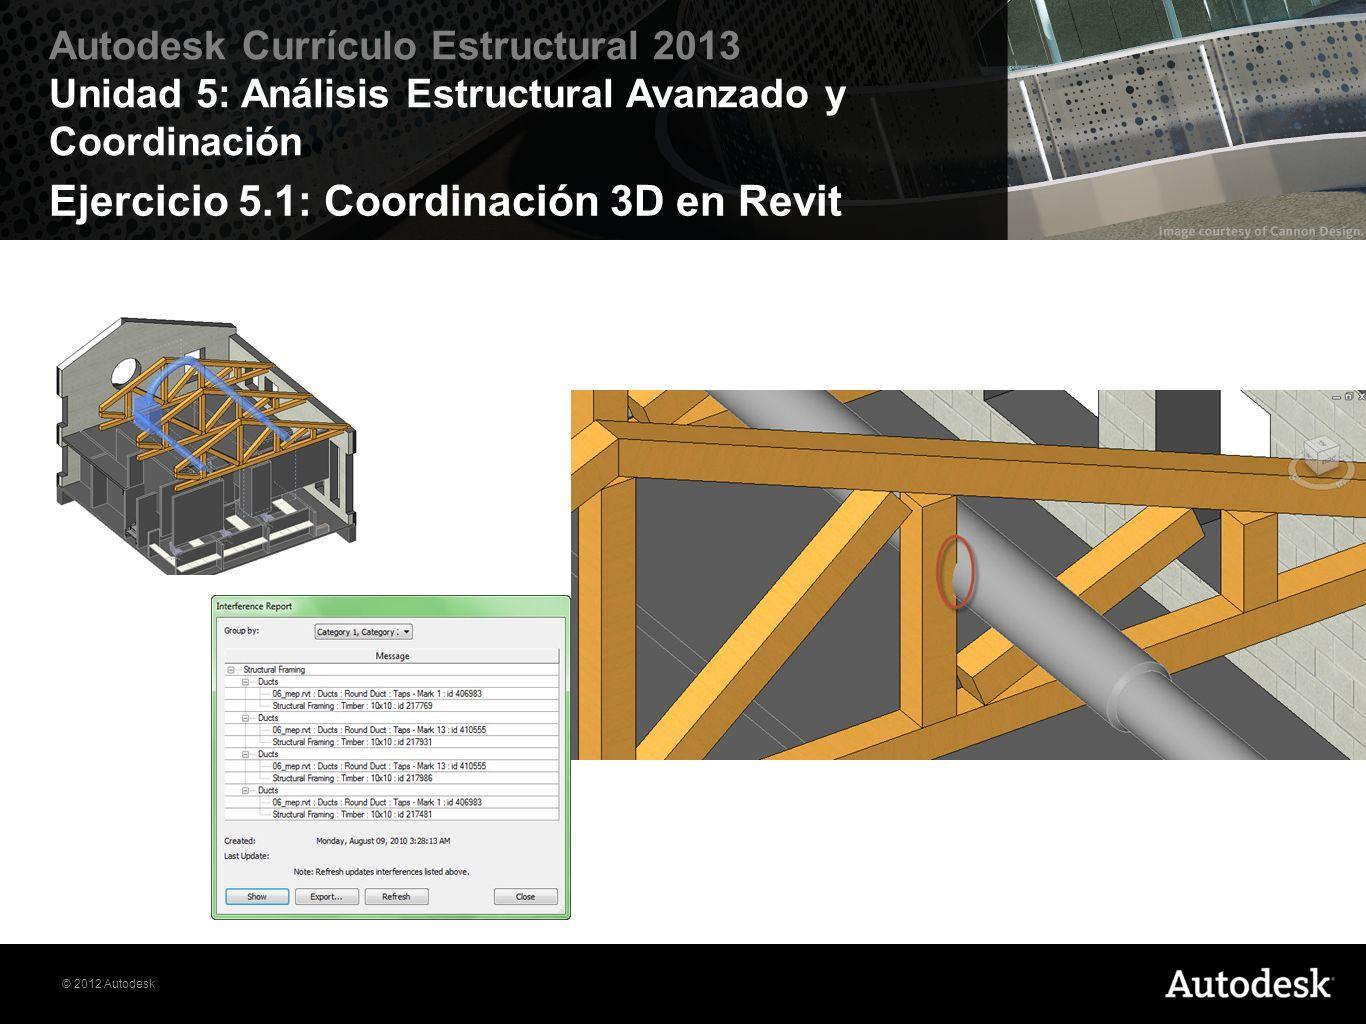 © 2012 Autodesk Autodesk Currículo Estructural 2013 Unidad 5: Análisis Estructural Avanzado y Coordinación Ejercicio 5.1: Coordinación 3D en Revit